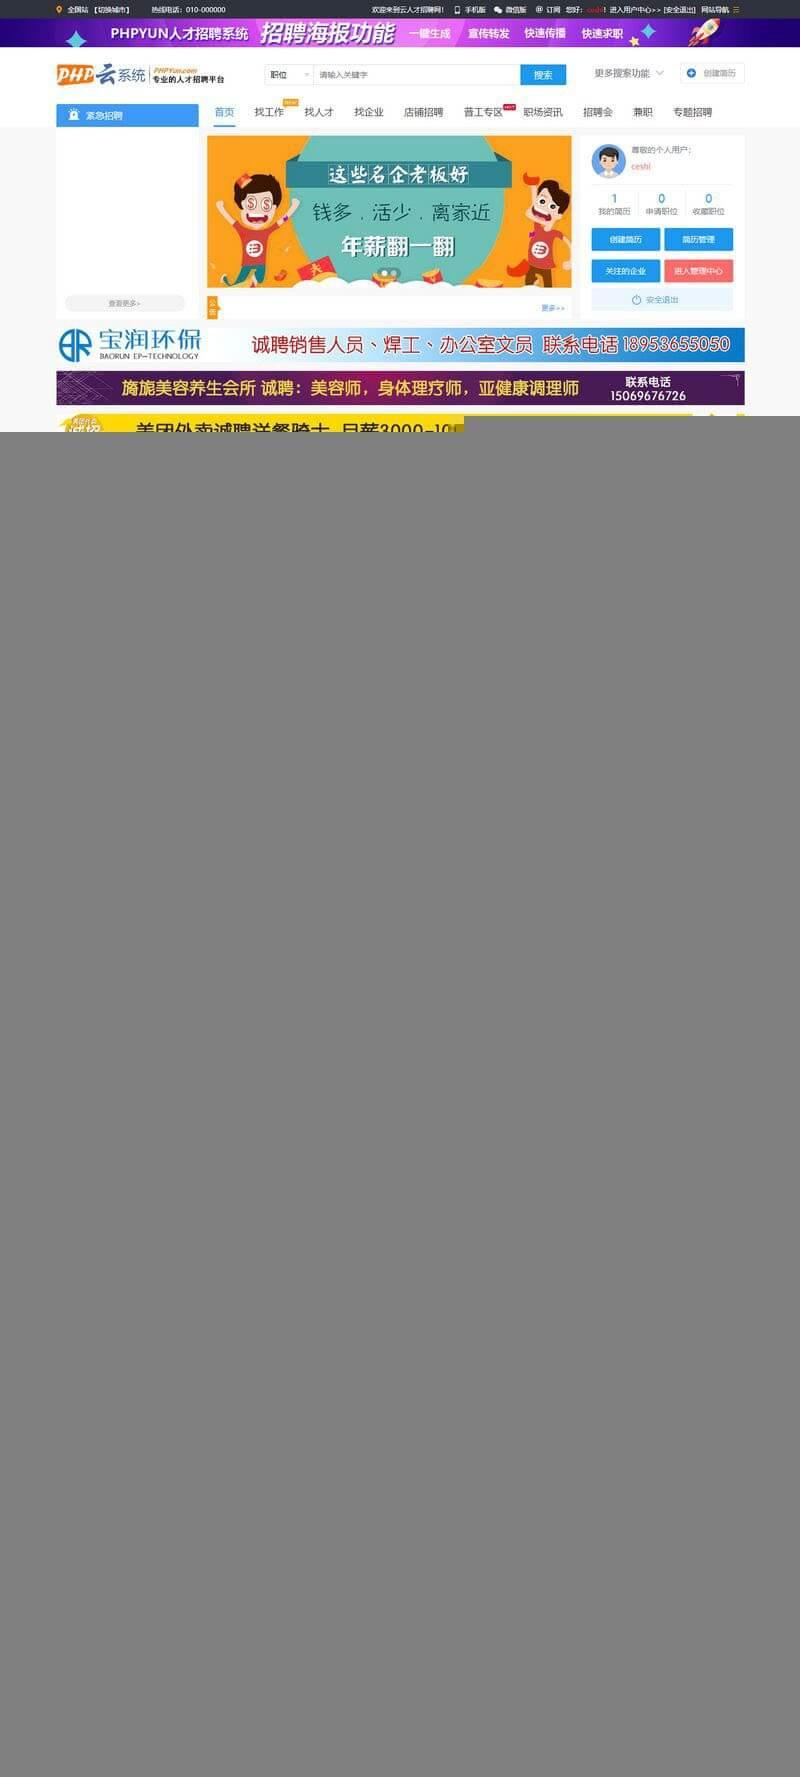 php云人才网系统4.6.1(20190528)授权版源码,顶级的人才招聘普工招聘网站 (https://www.8uc8.com/) 源码下载 第1张